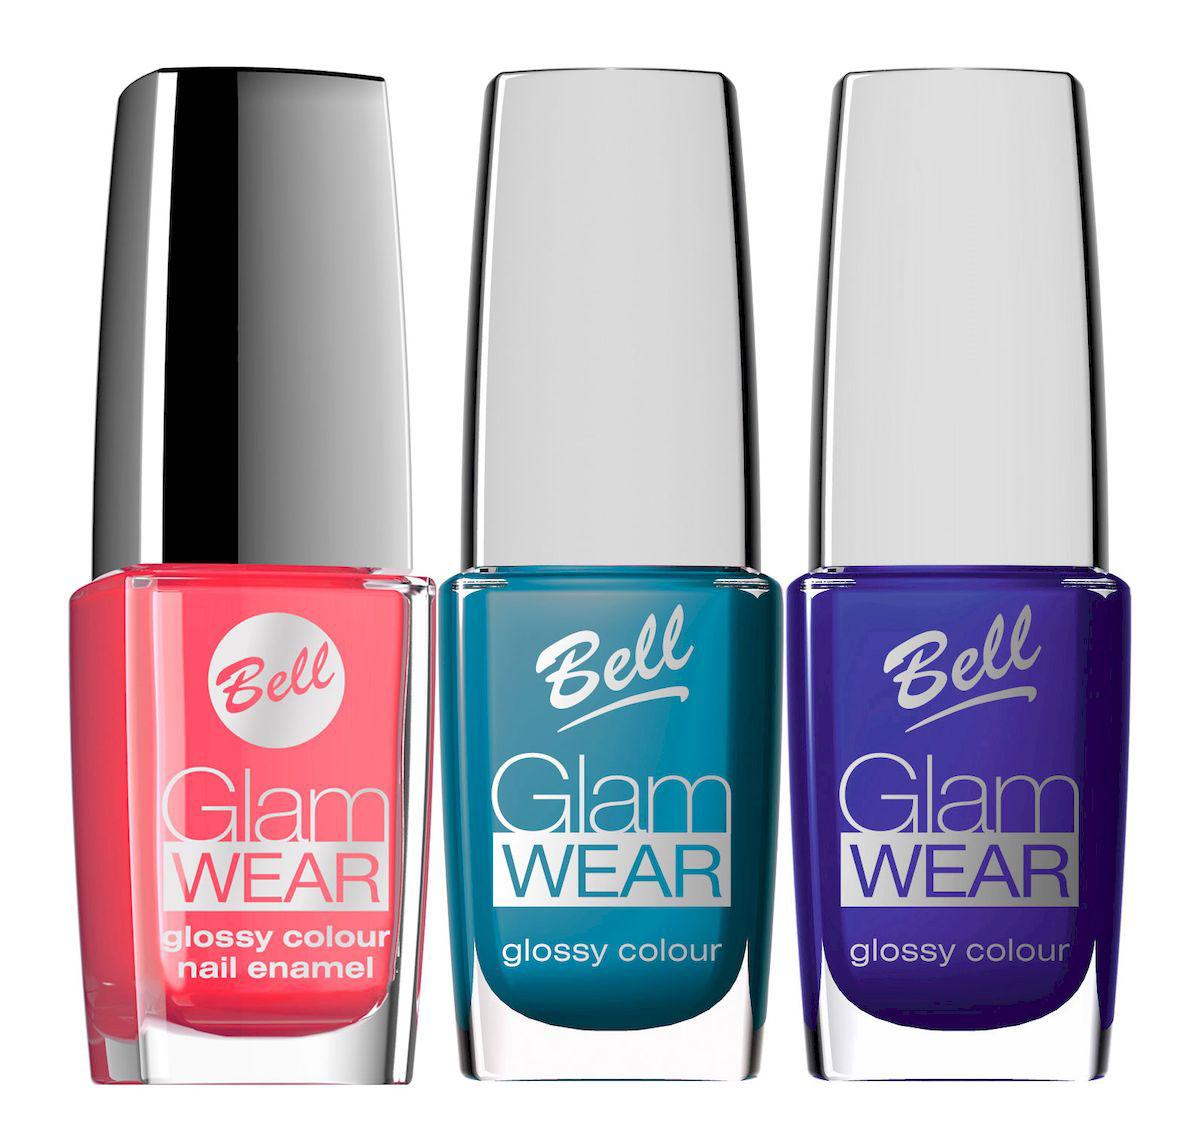 Bell Набор устойчивых лаков для ногтей с глянцевым эффектом Glam Wear Nail: тон №508, тон №513, тон №520, 30 млперфорационные unisexУстойчивый лак для ногтей.